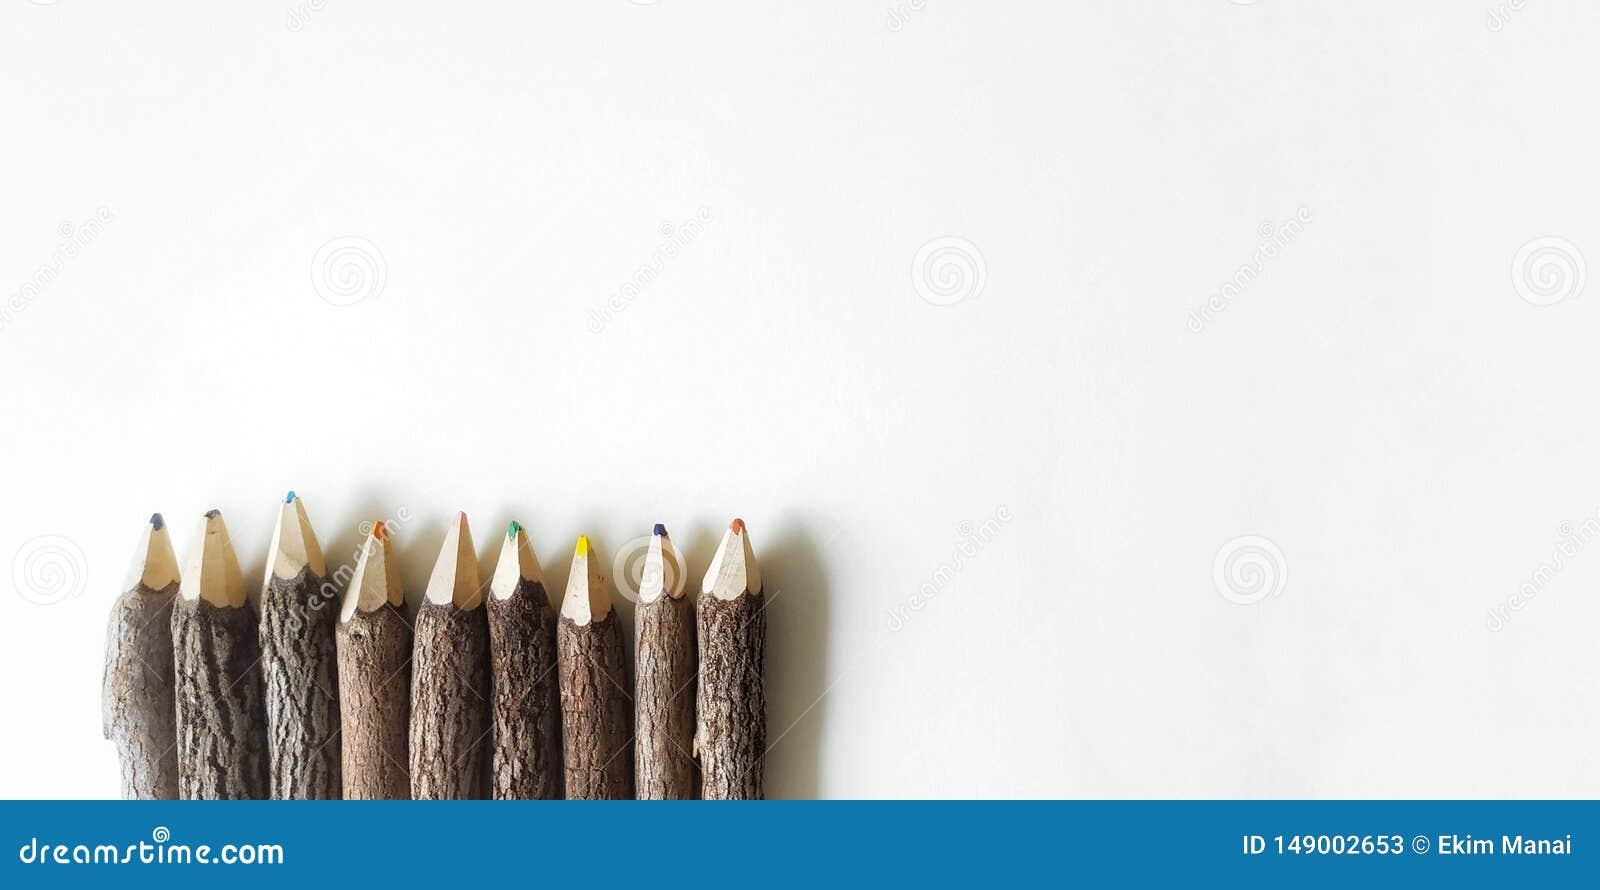 ξύλινα μολύβια χρώματος στο άσπρο υπόβαθρο